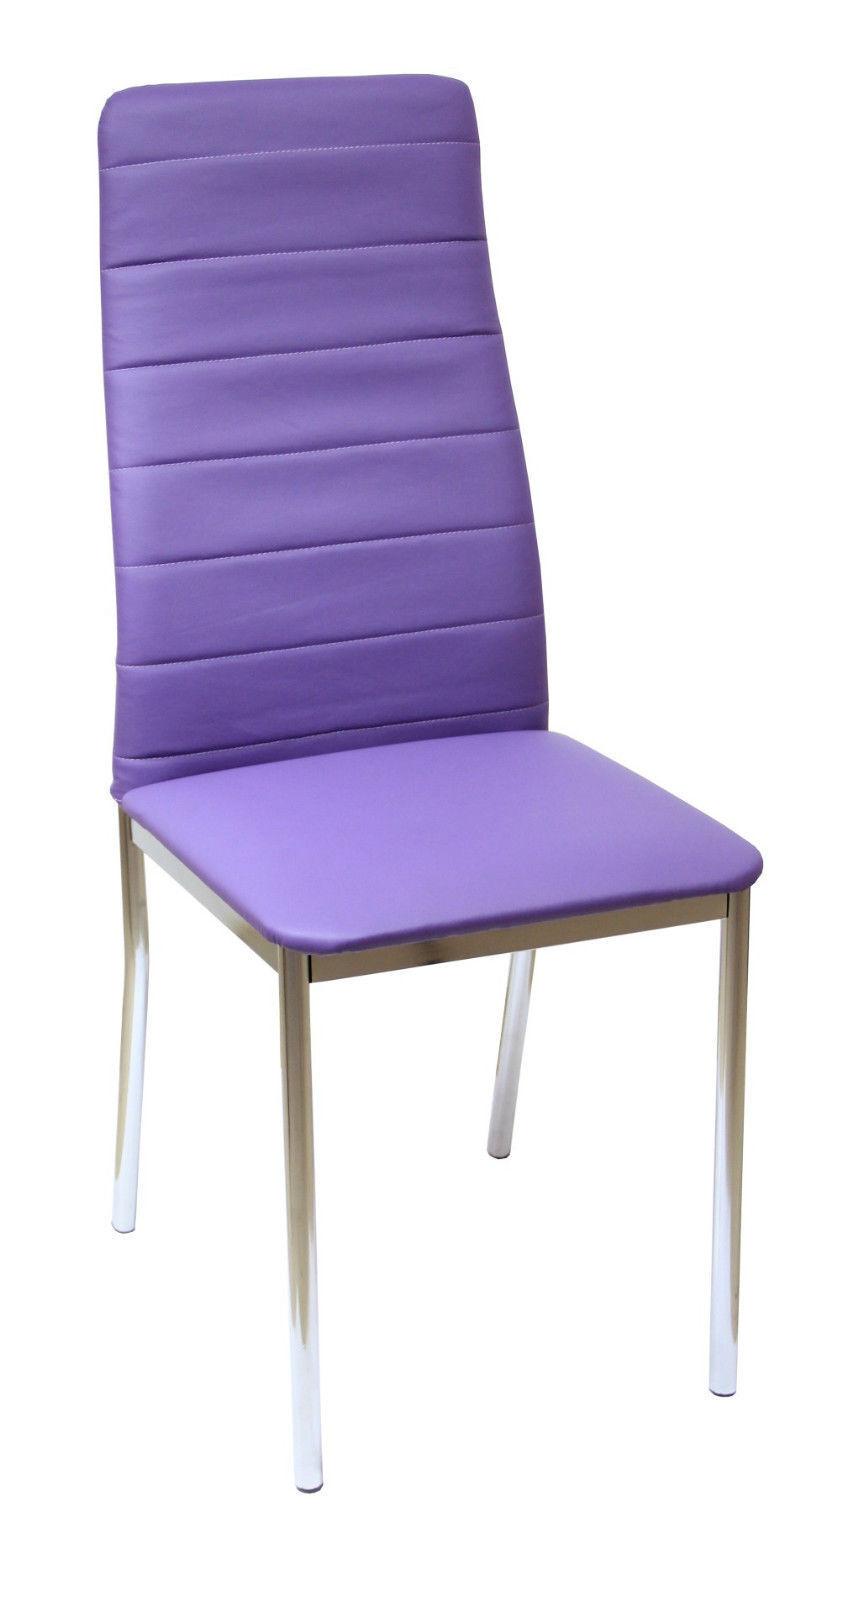 Stuhle In Lila Gunstig Kaufen Ebay